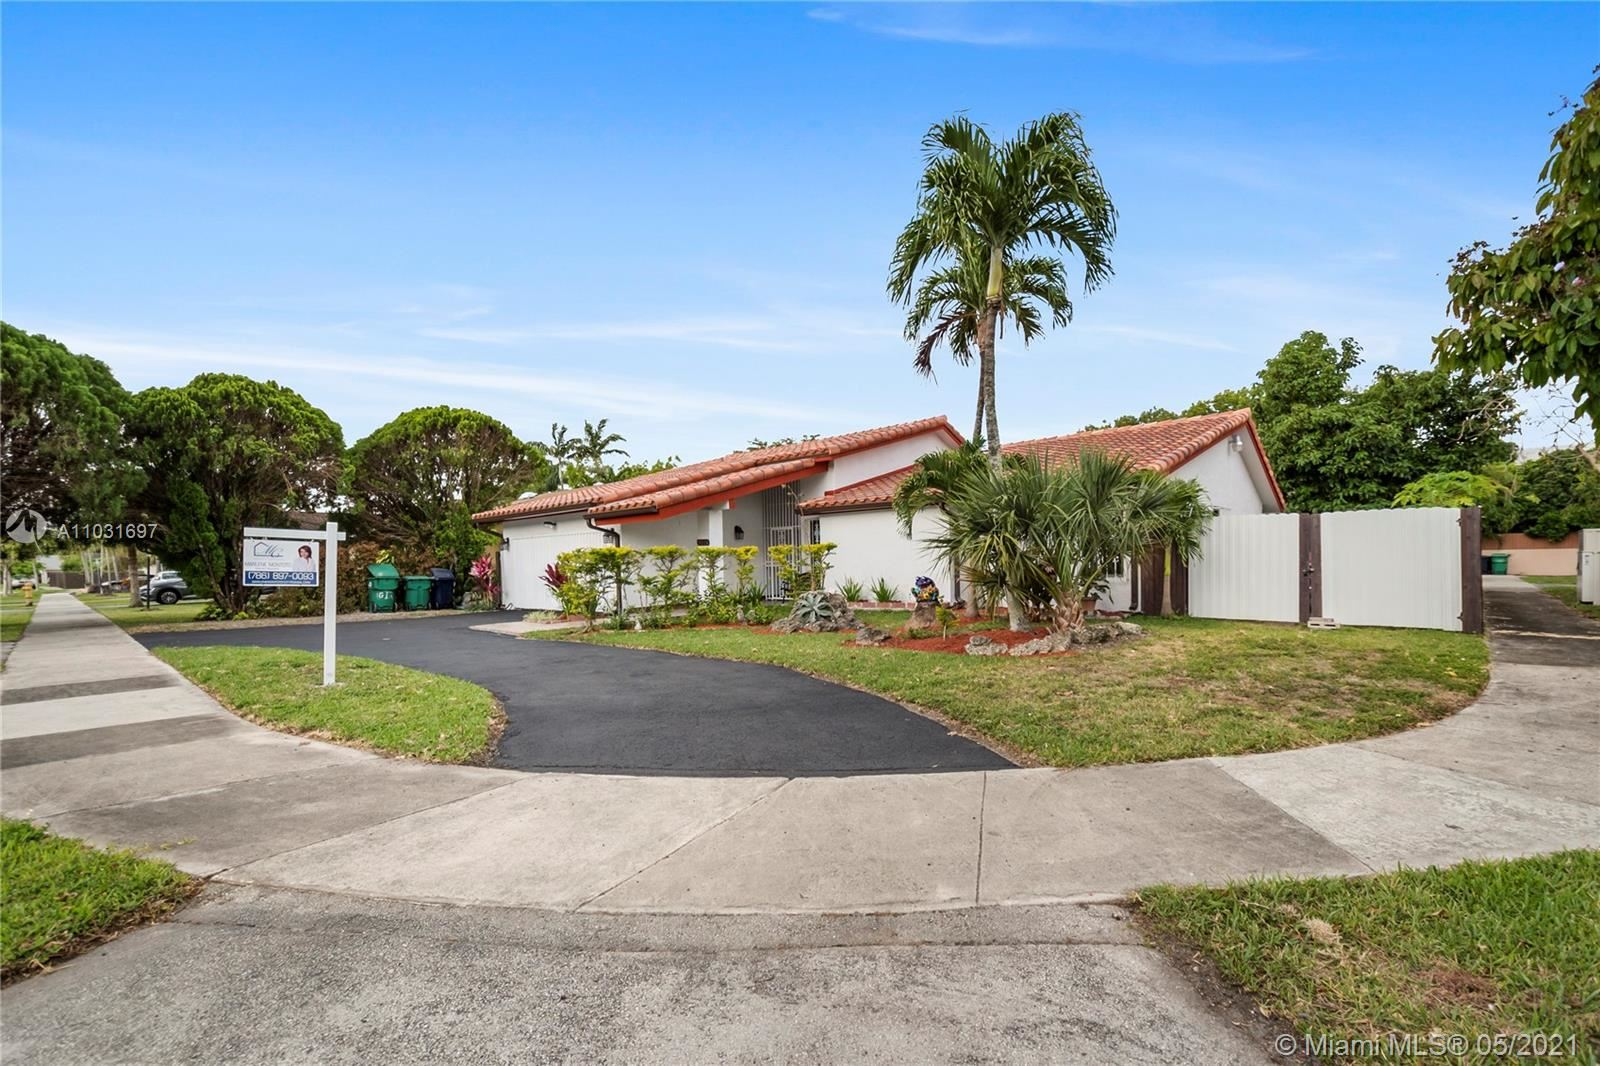 8824 SW 134th Ct, Miami, FL 33186 - #: A11031697